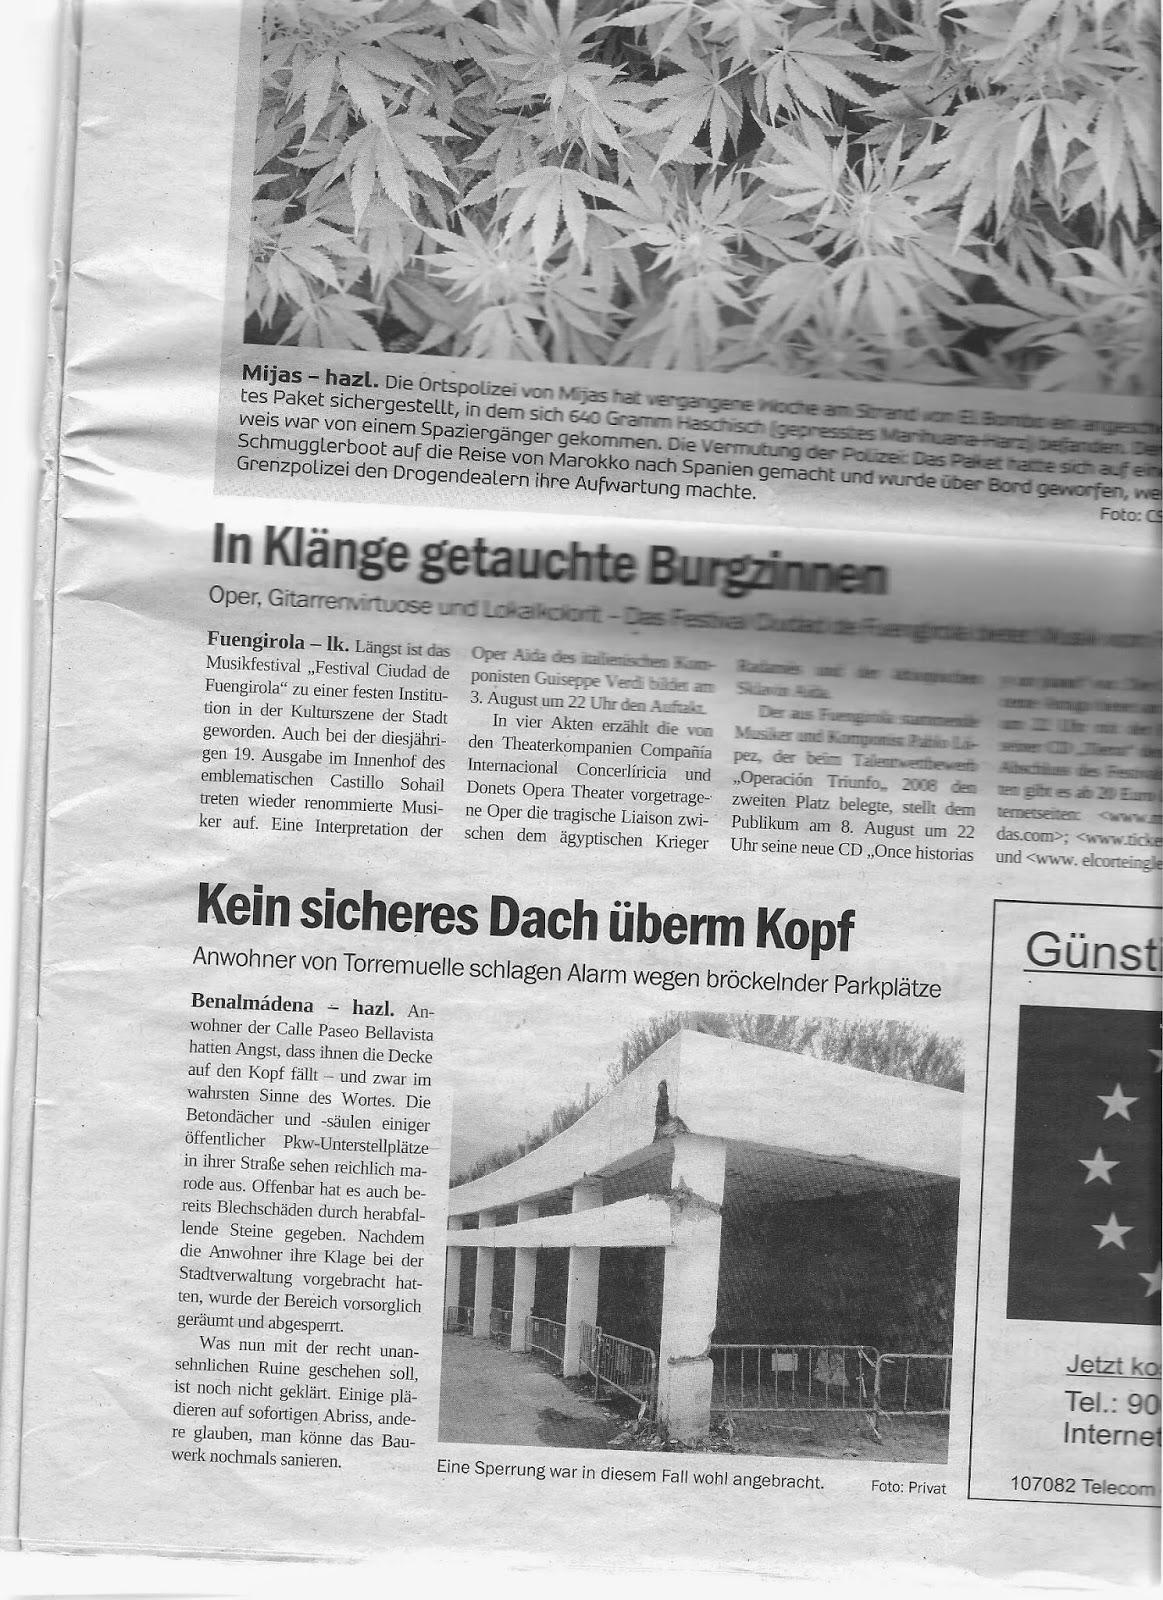 La prensa alemana también se hace eco del peligro de derrumbe